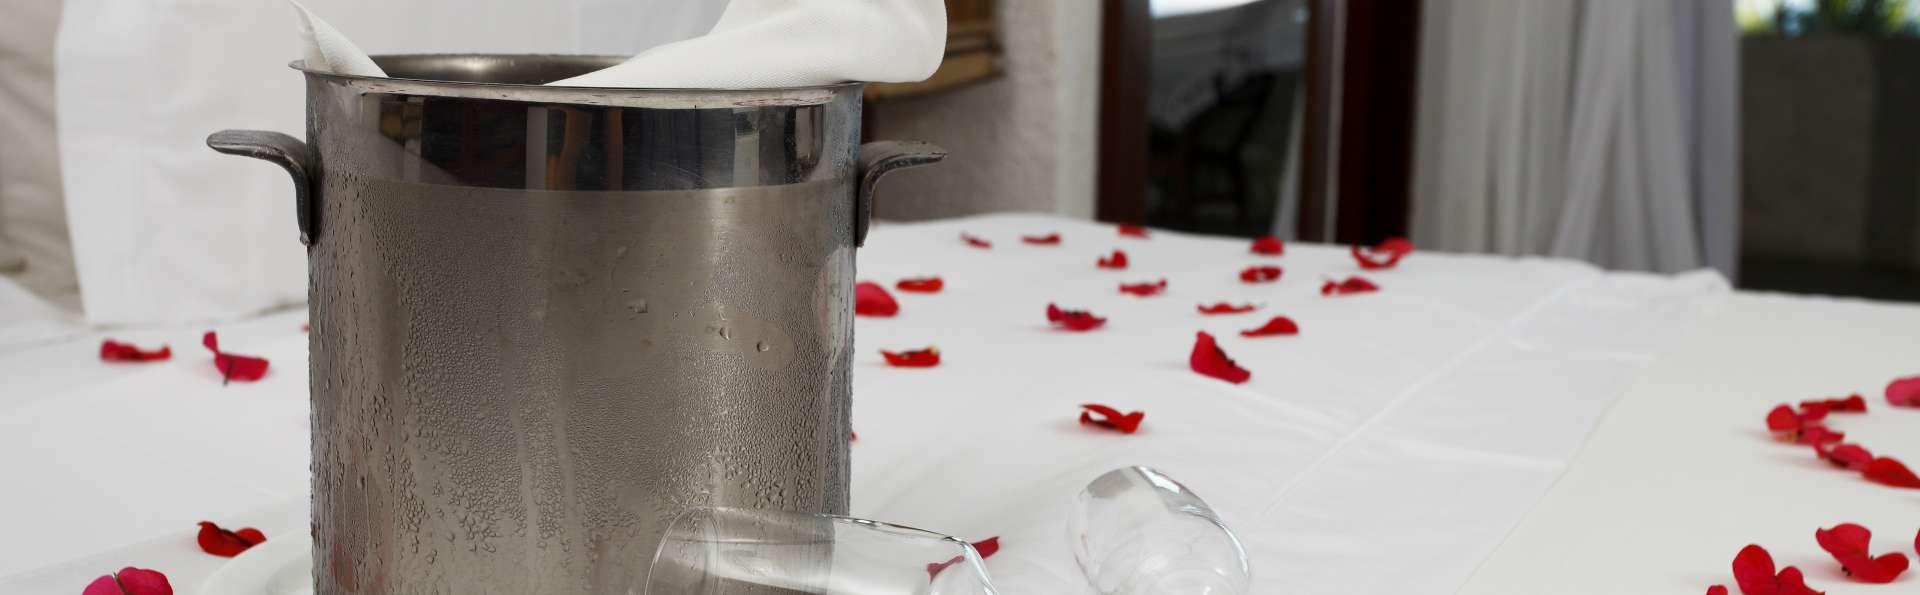 Escapada Romántica con cava, pétalos y fruta en Casa Amal en Vejer de la Frontera (desde 2 noches)